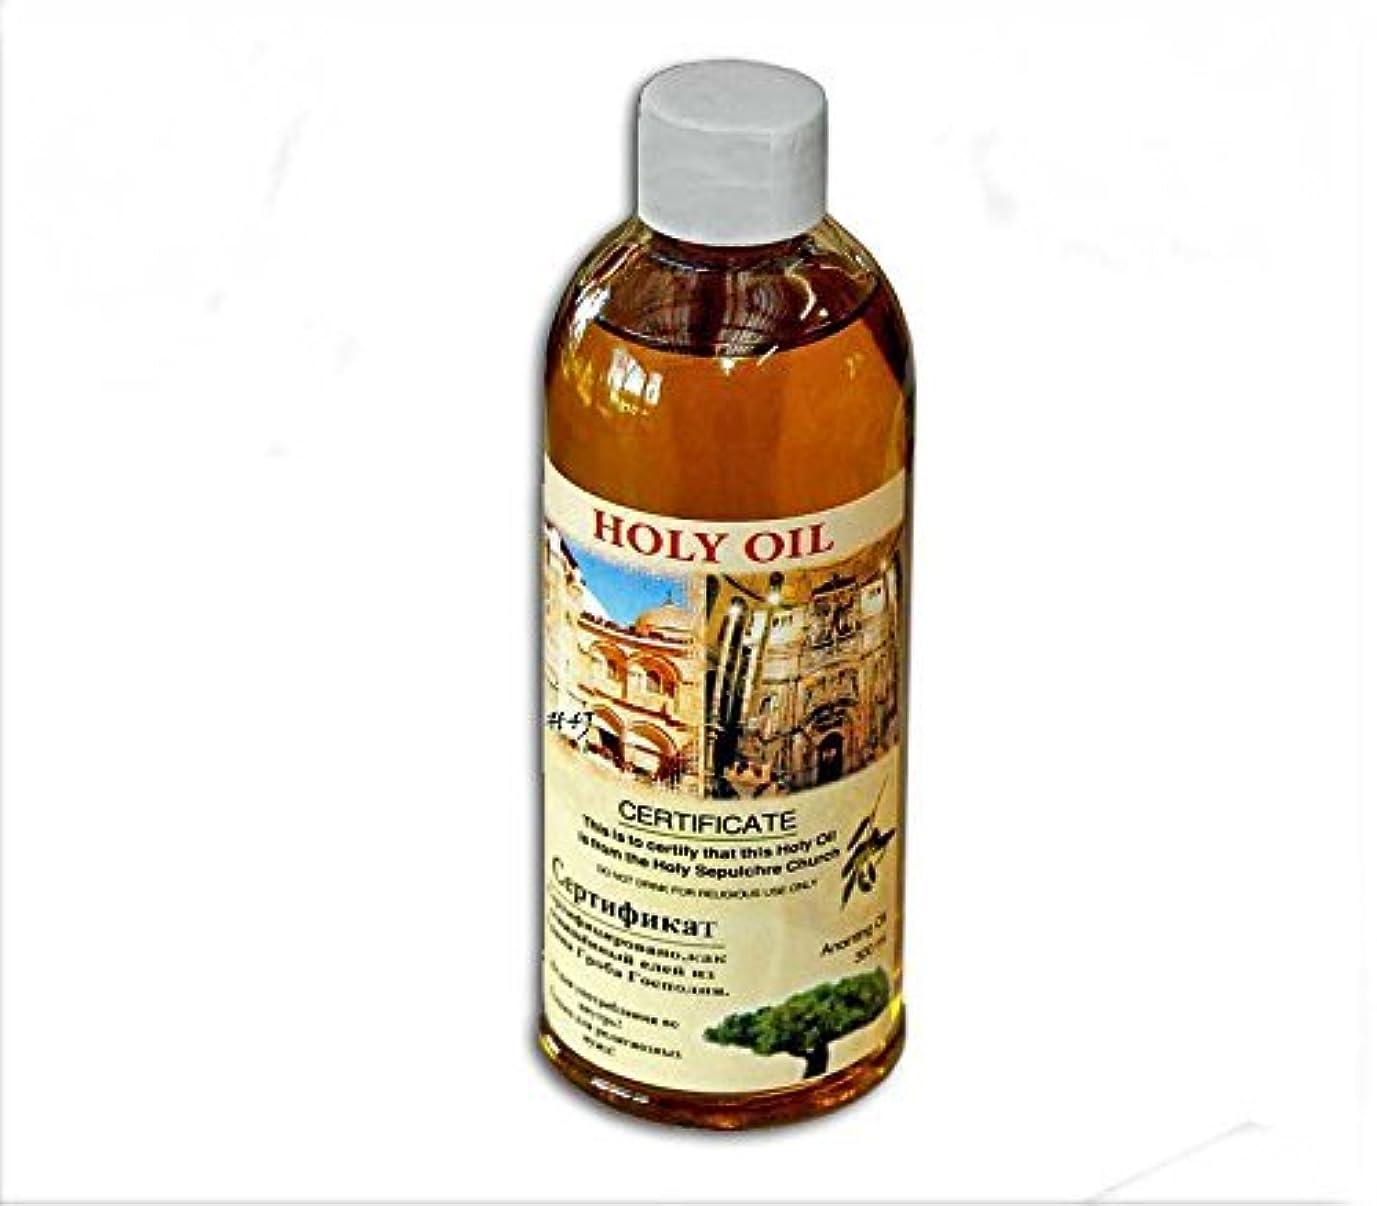 かご甥豚肉60 ml Holy Land AnointingオイルCertificated Blessed小さなボトルからエルサレムbyベツレヘムギフトTM